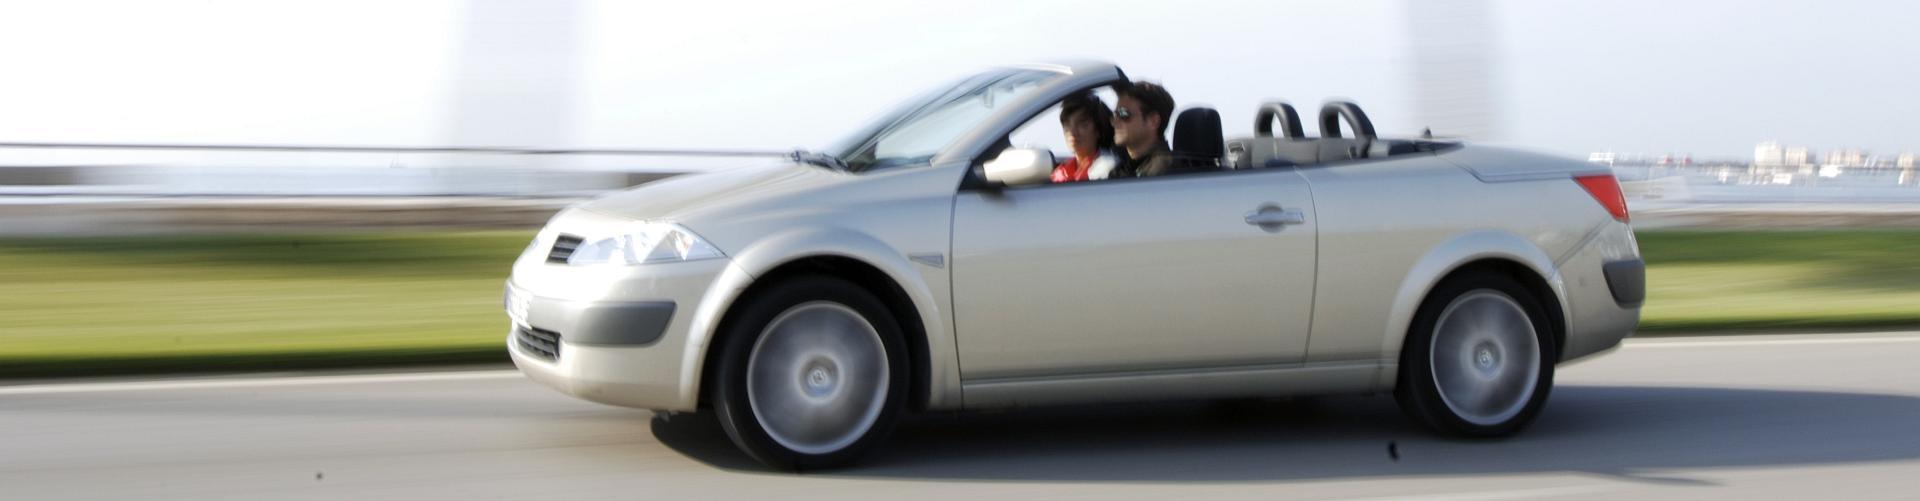 Mietwagen Autovermietung auf Mallorca